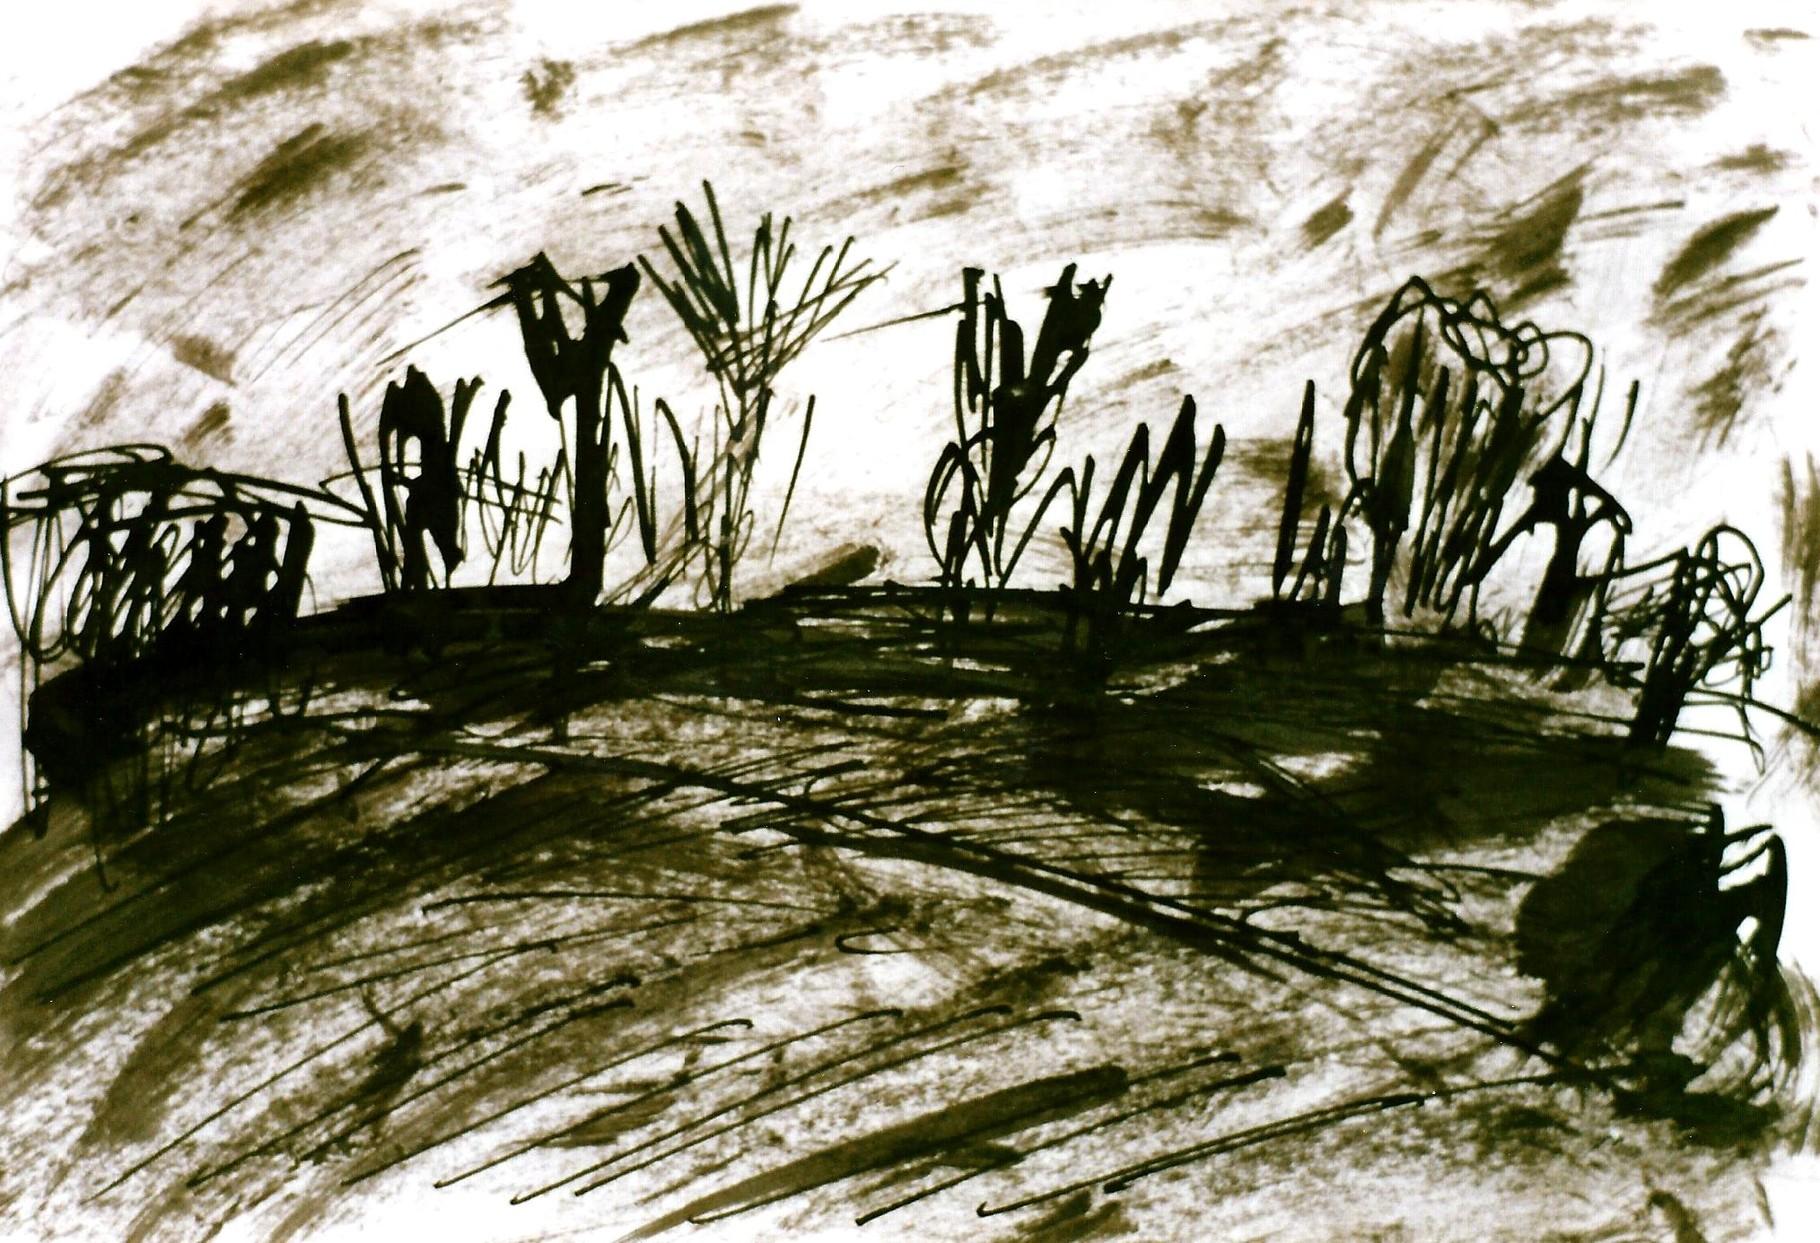 Pedro Meier Multimedia Artist – Zyklus von Federkiel-Zeichnungen (No. III) – Chinesische Sepia Tinte auf Papier – 30x21 cm – 1996 – Foto © Pedro Meier/ProLitteris